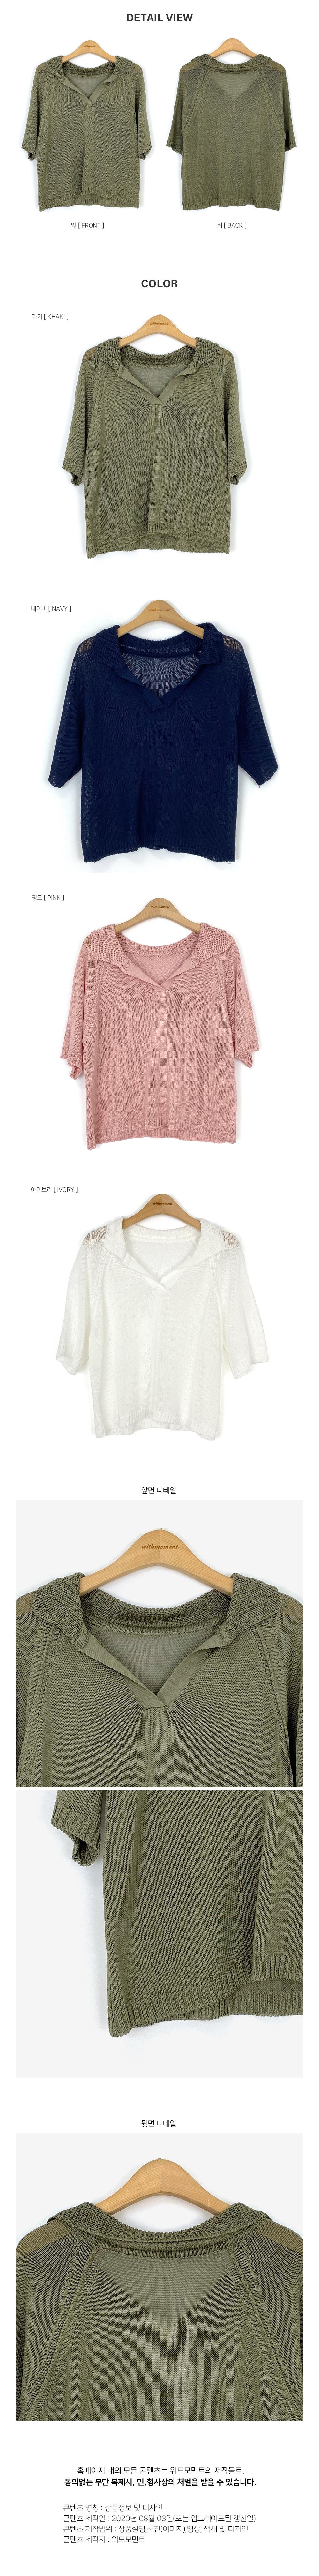 Summer leglan knit